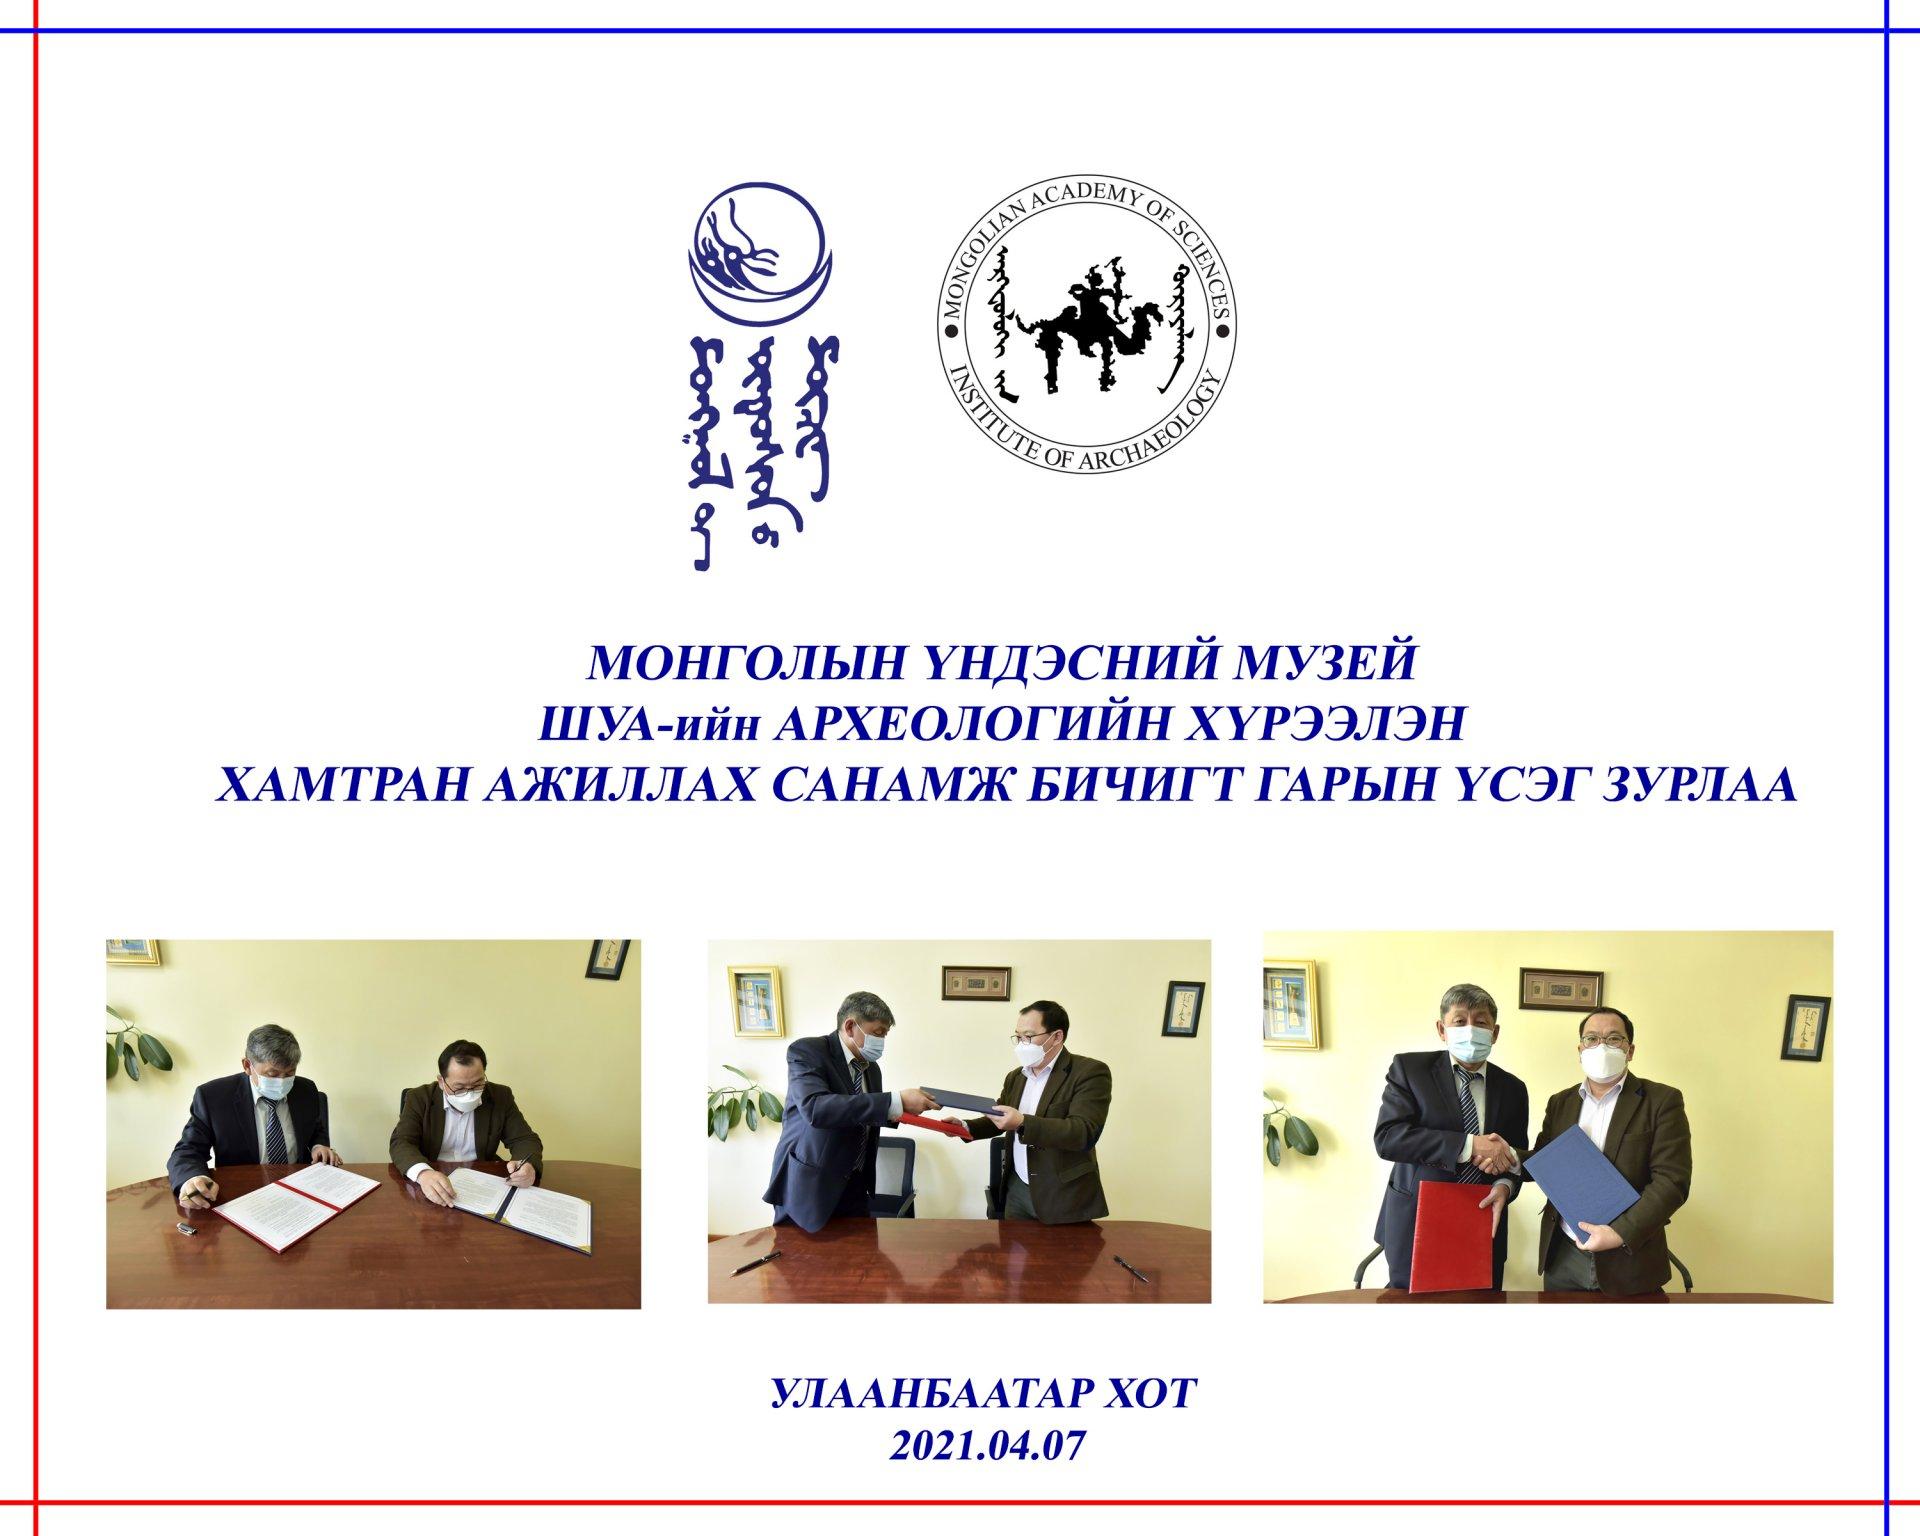 Монголын Үндэсний Музей ба ШУА-ийн Археологийн хүрээлэн  хамтран ажиллах санамж бичигт гарын үсэг зурлаа